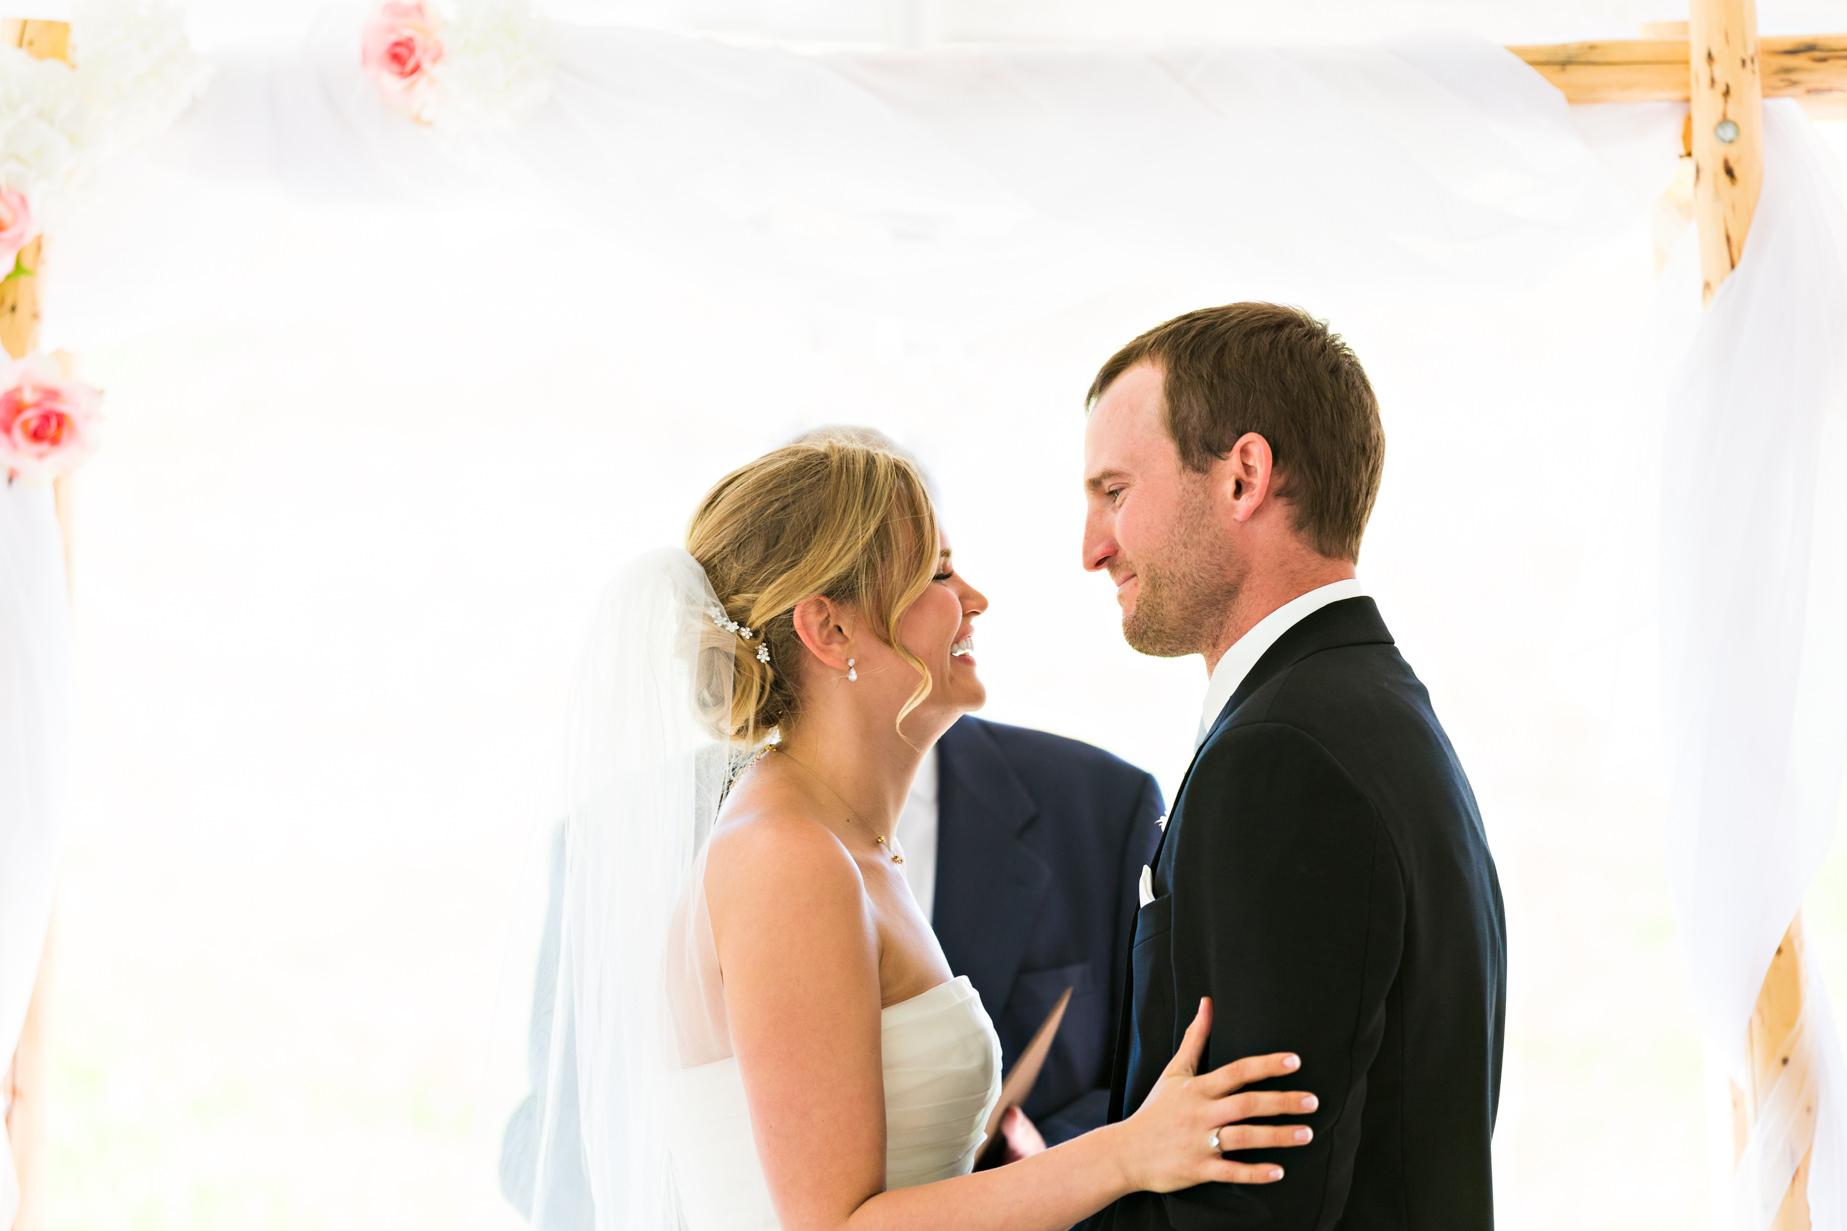 big-sky-resort-wedding-bride-groom-laughing-after-just-married.jpg